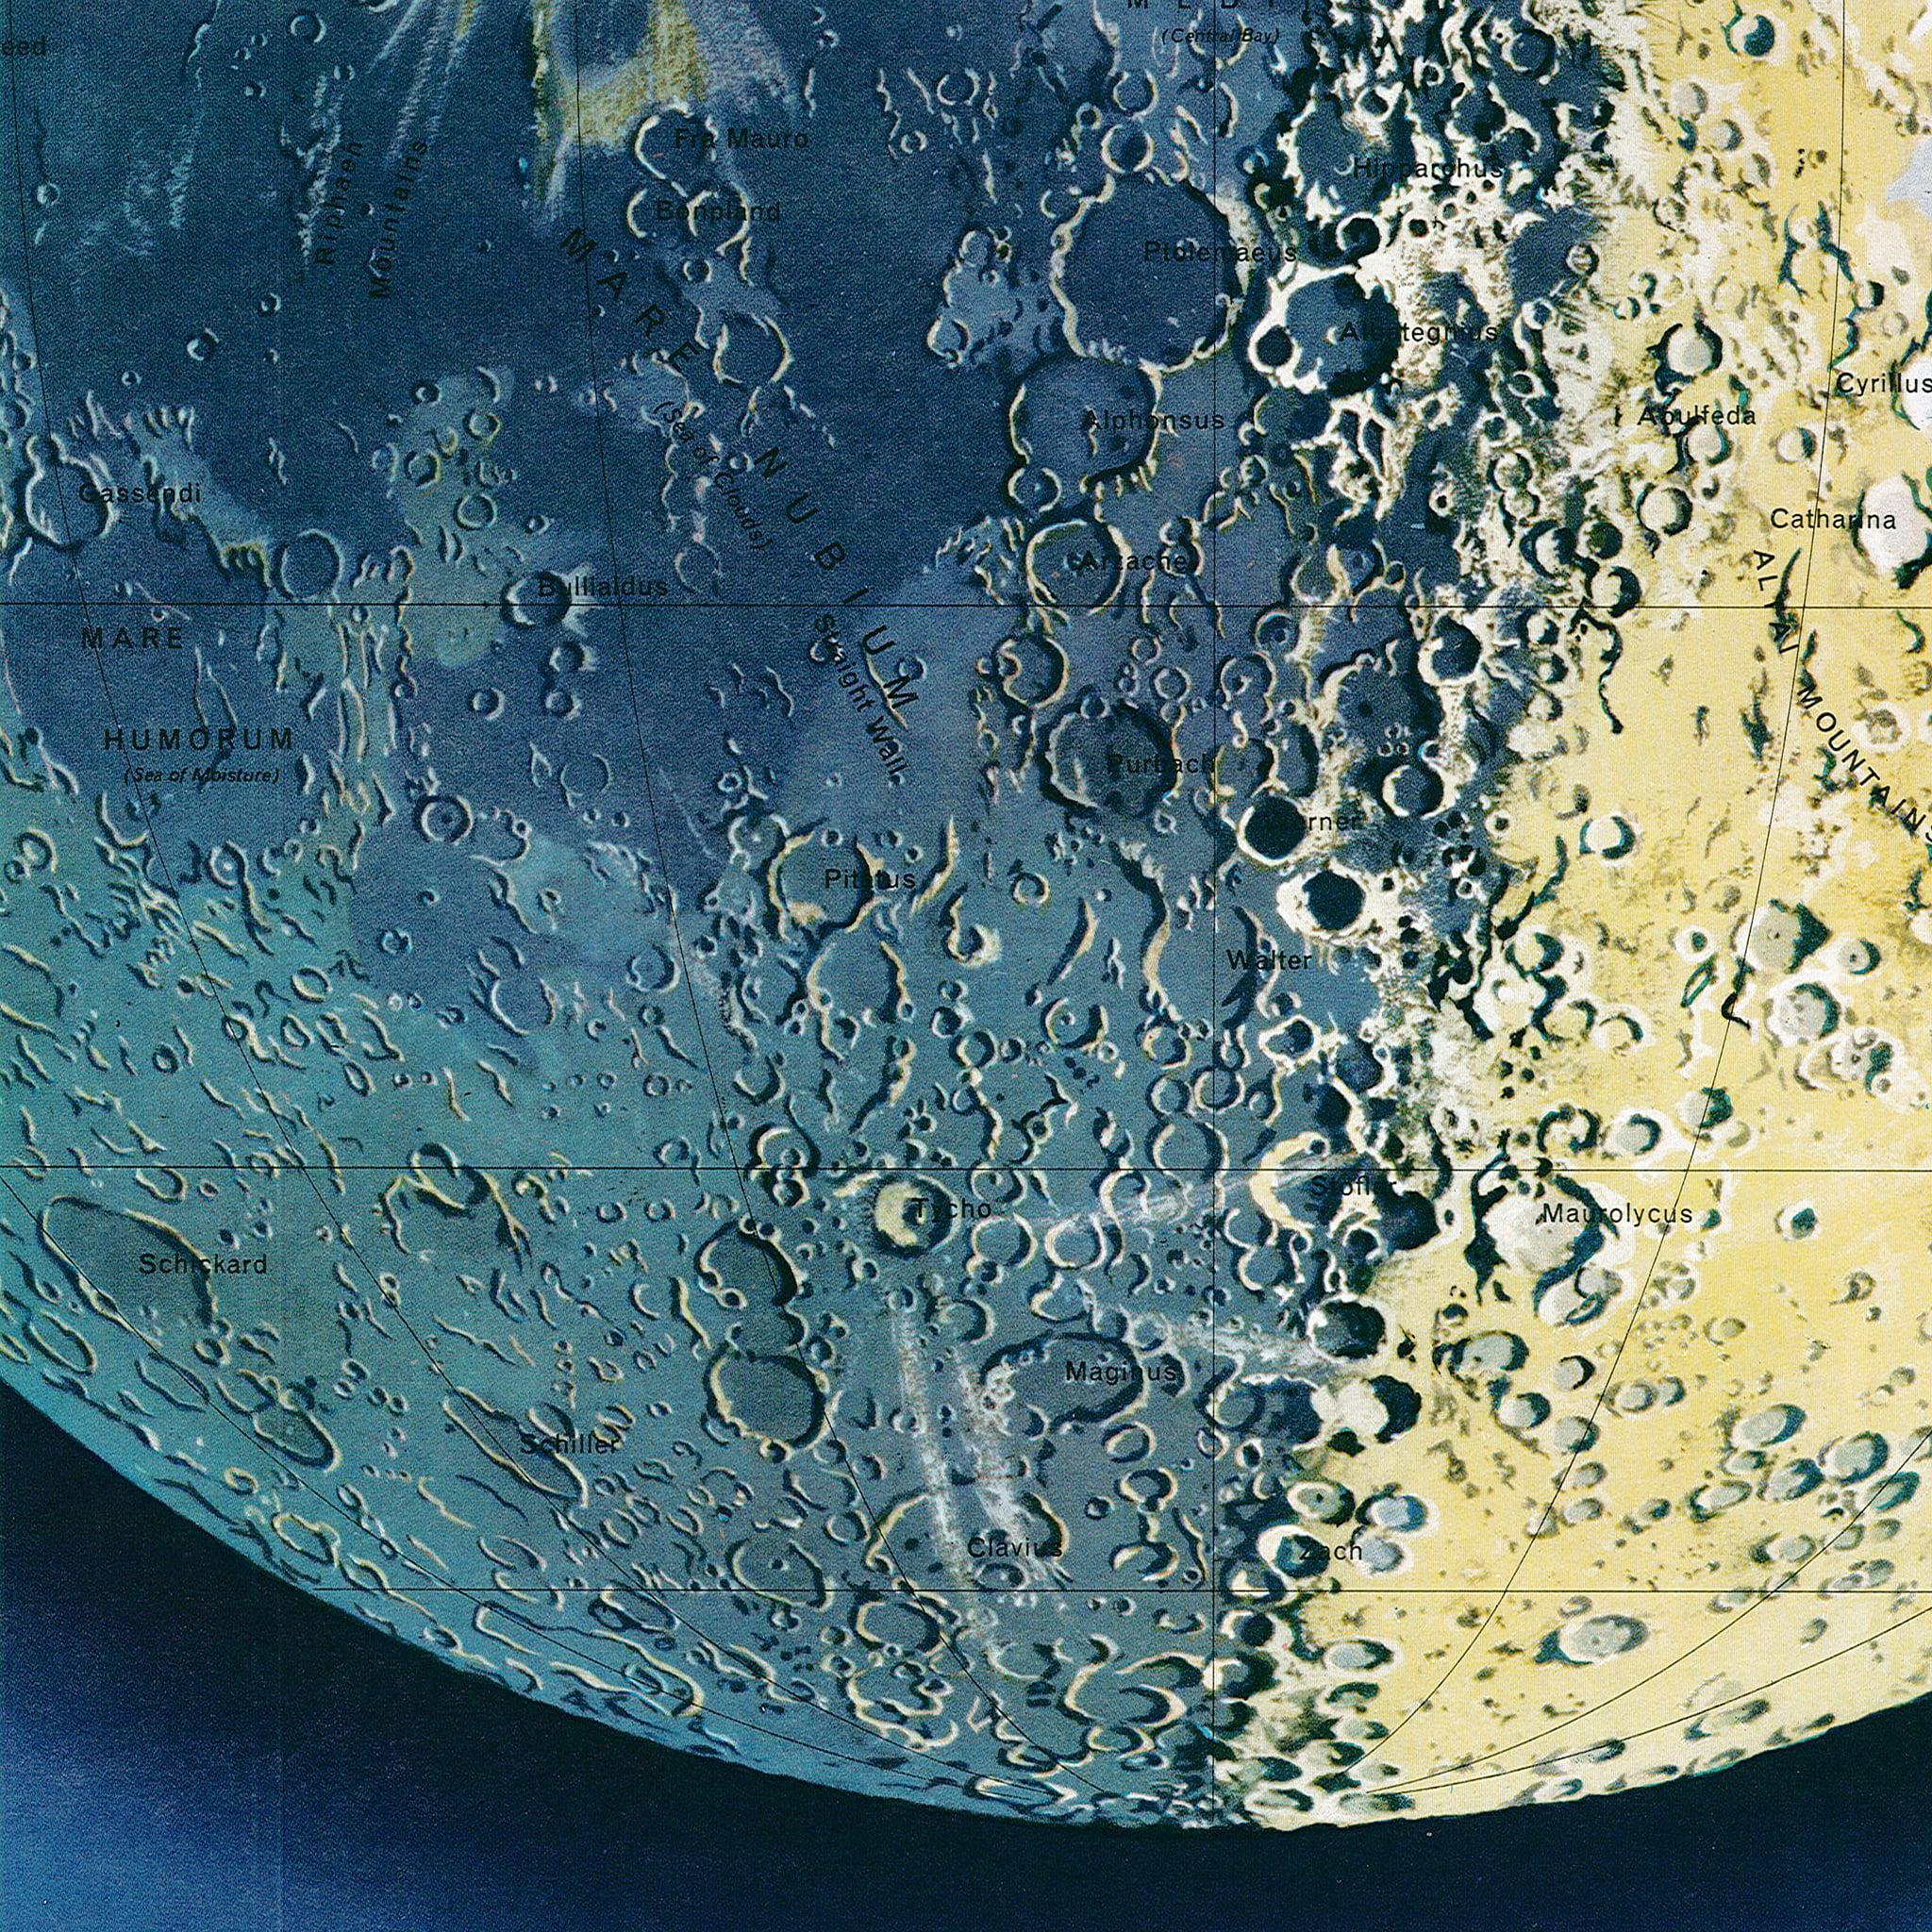 Lunar-map-detail-vintage